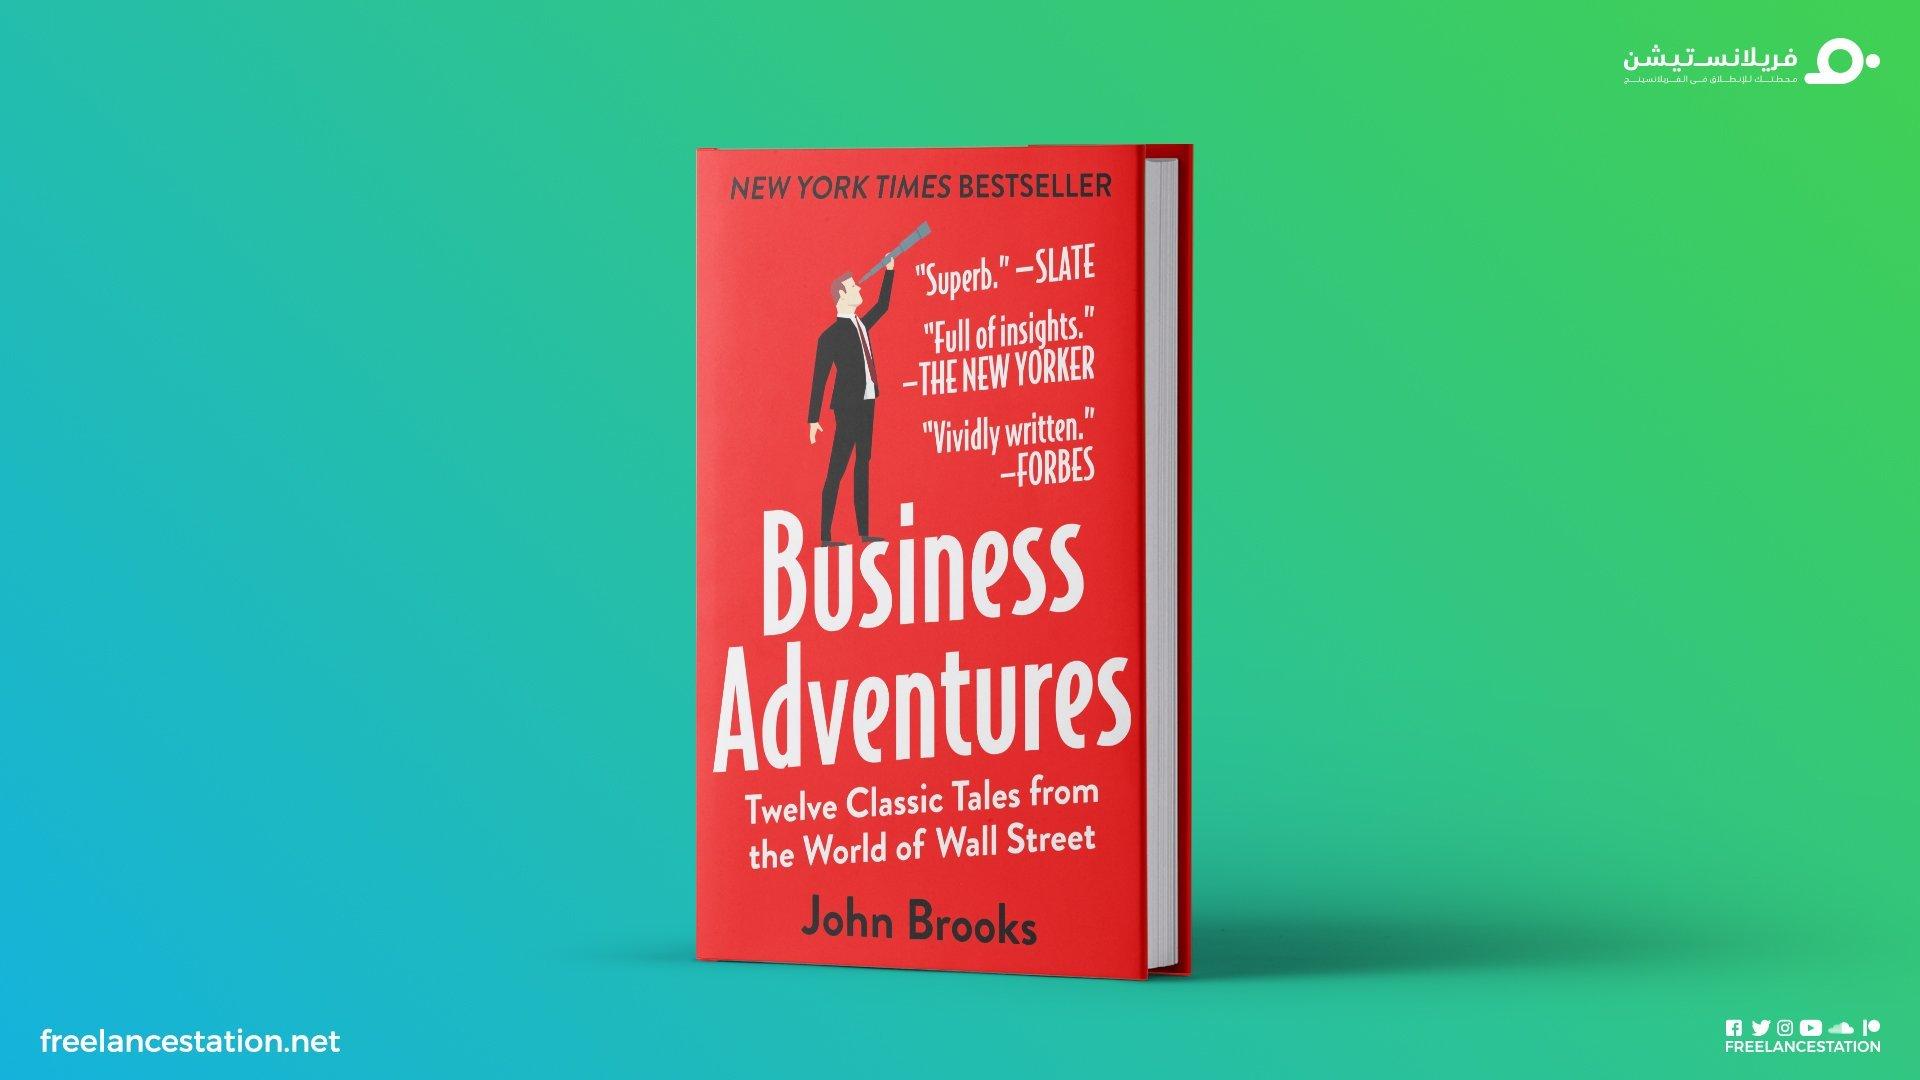 10 مصادر تتعلم منها إدارة الأعمال لتضاعف أرباحك 9